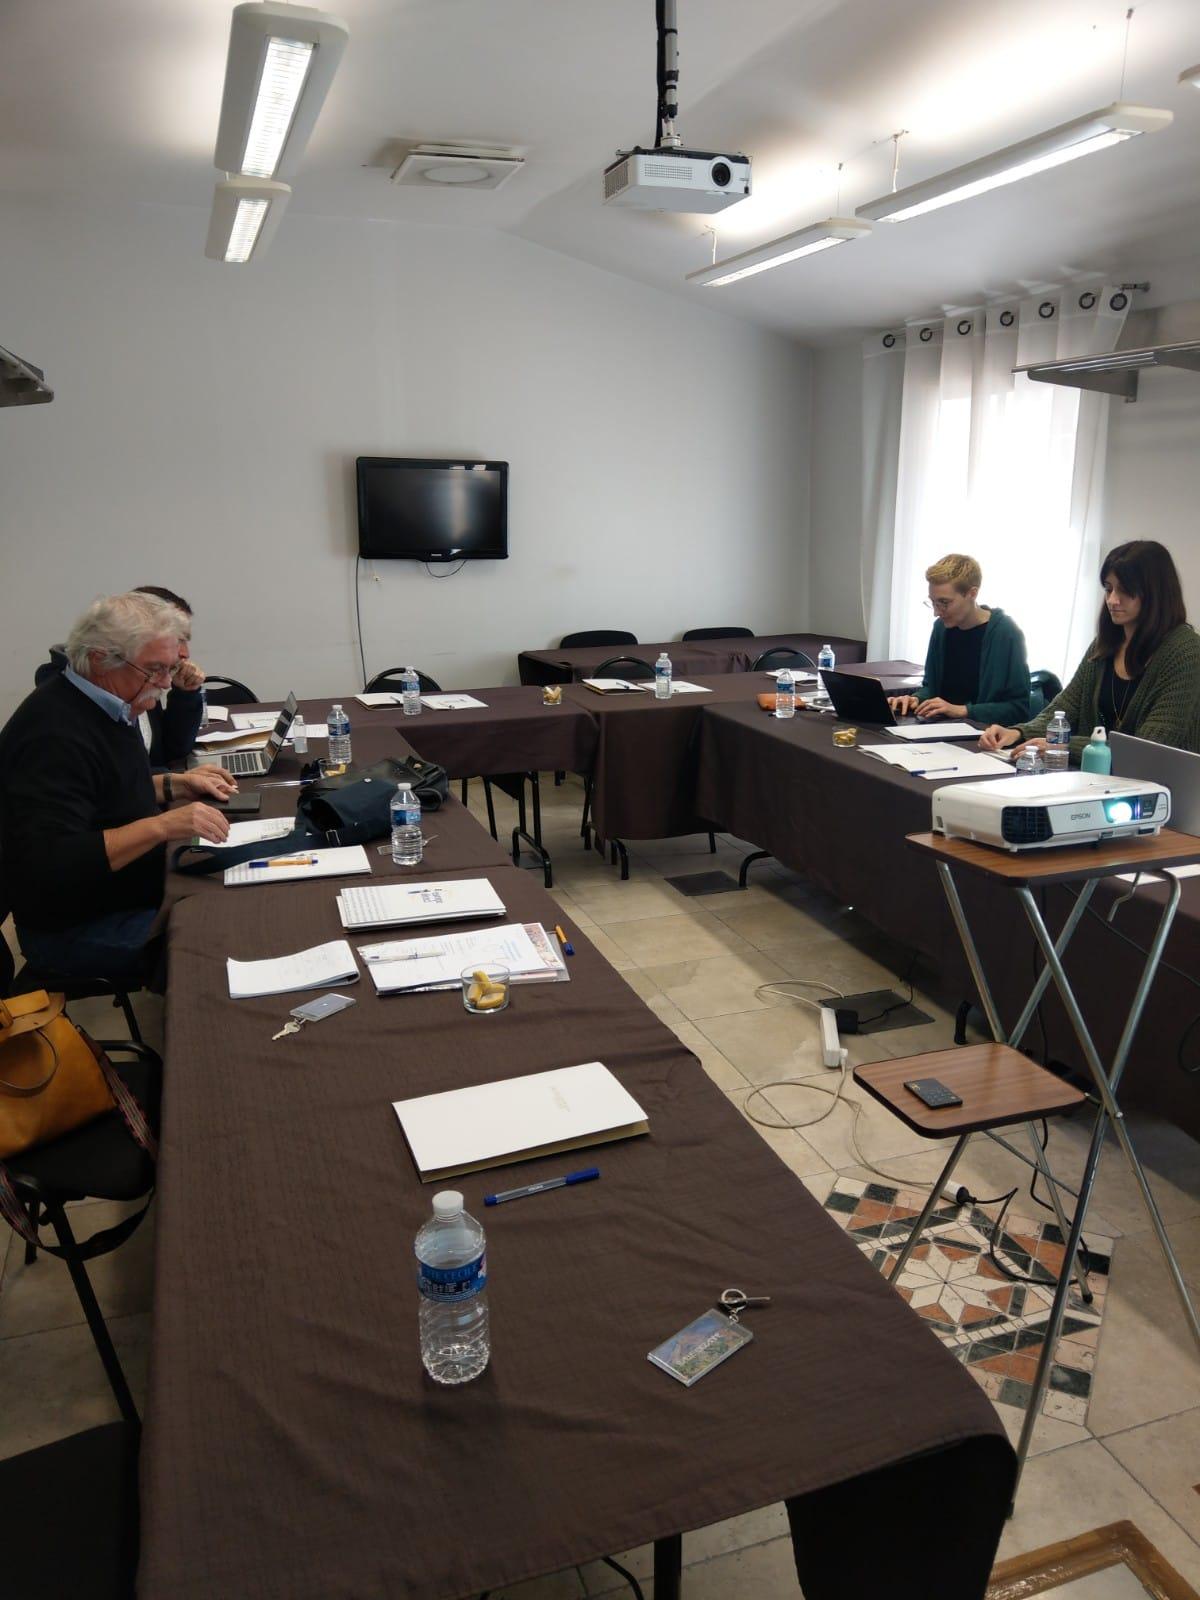 Društvo za razvijanje prostovoljnega dela z uvodnim sestankom začel projekt Odkrijte našo Evropo